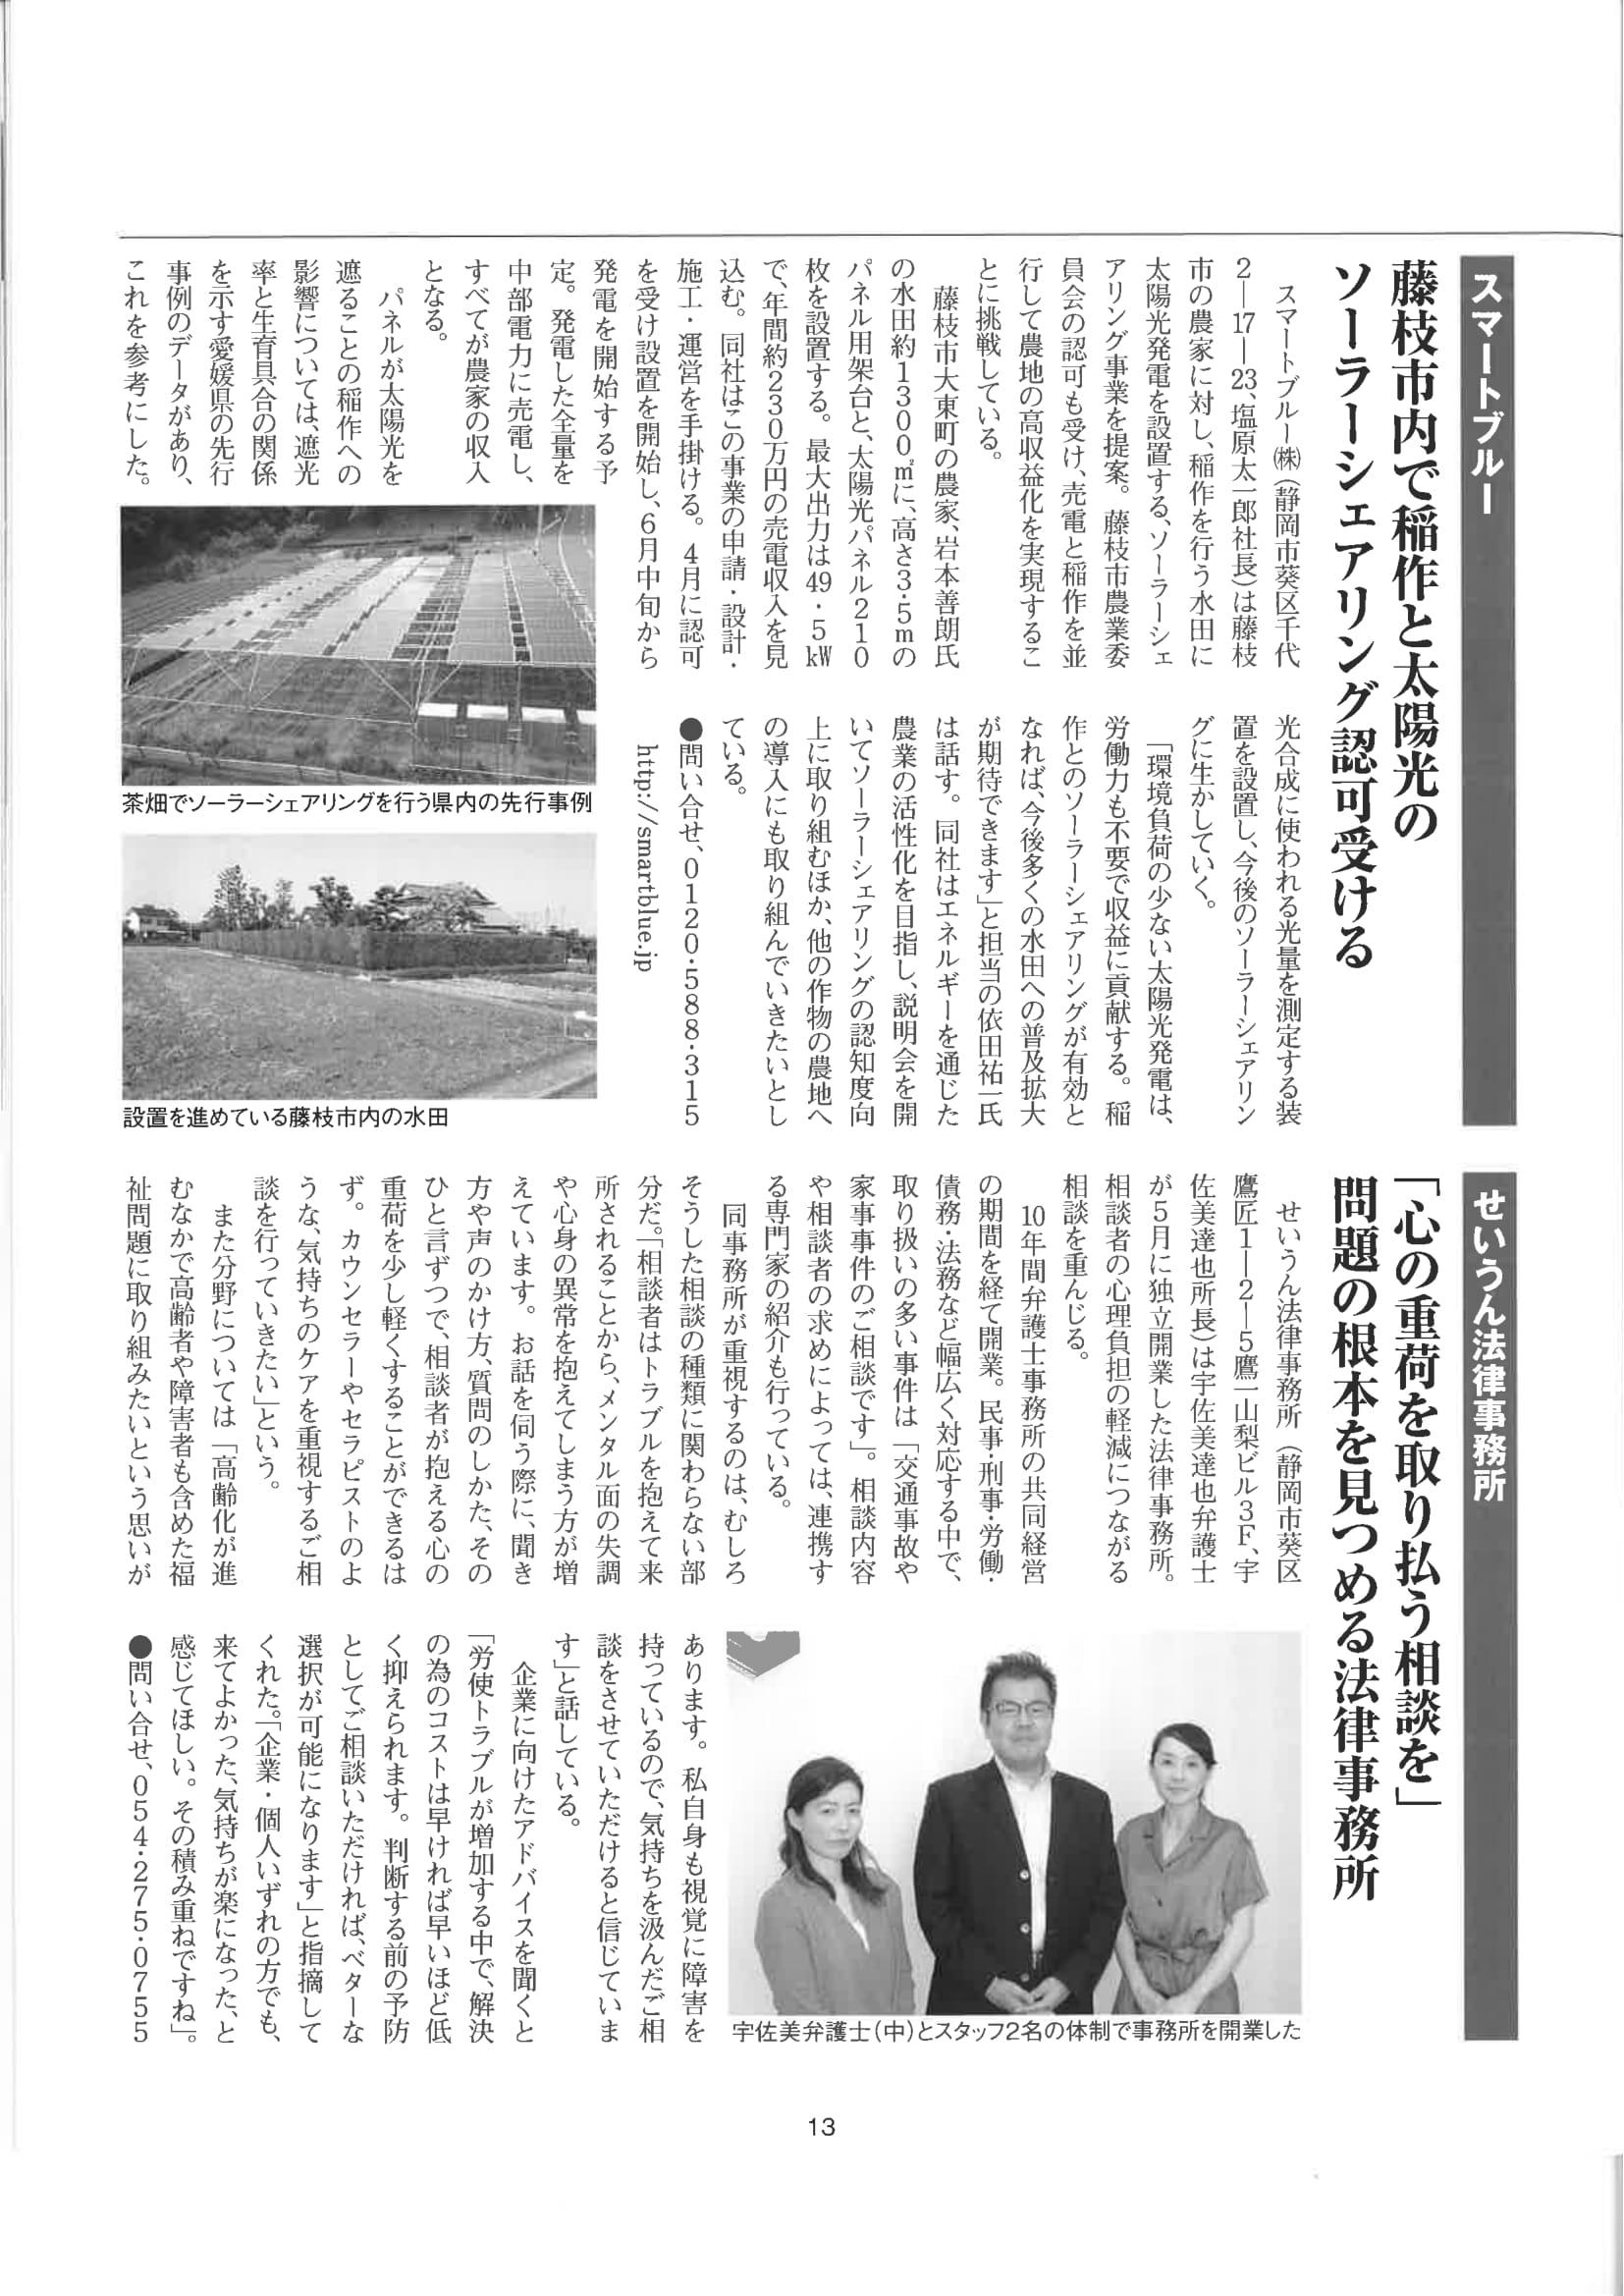 静岡ビジネスレポートにスマートブルーが掲載